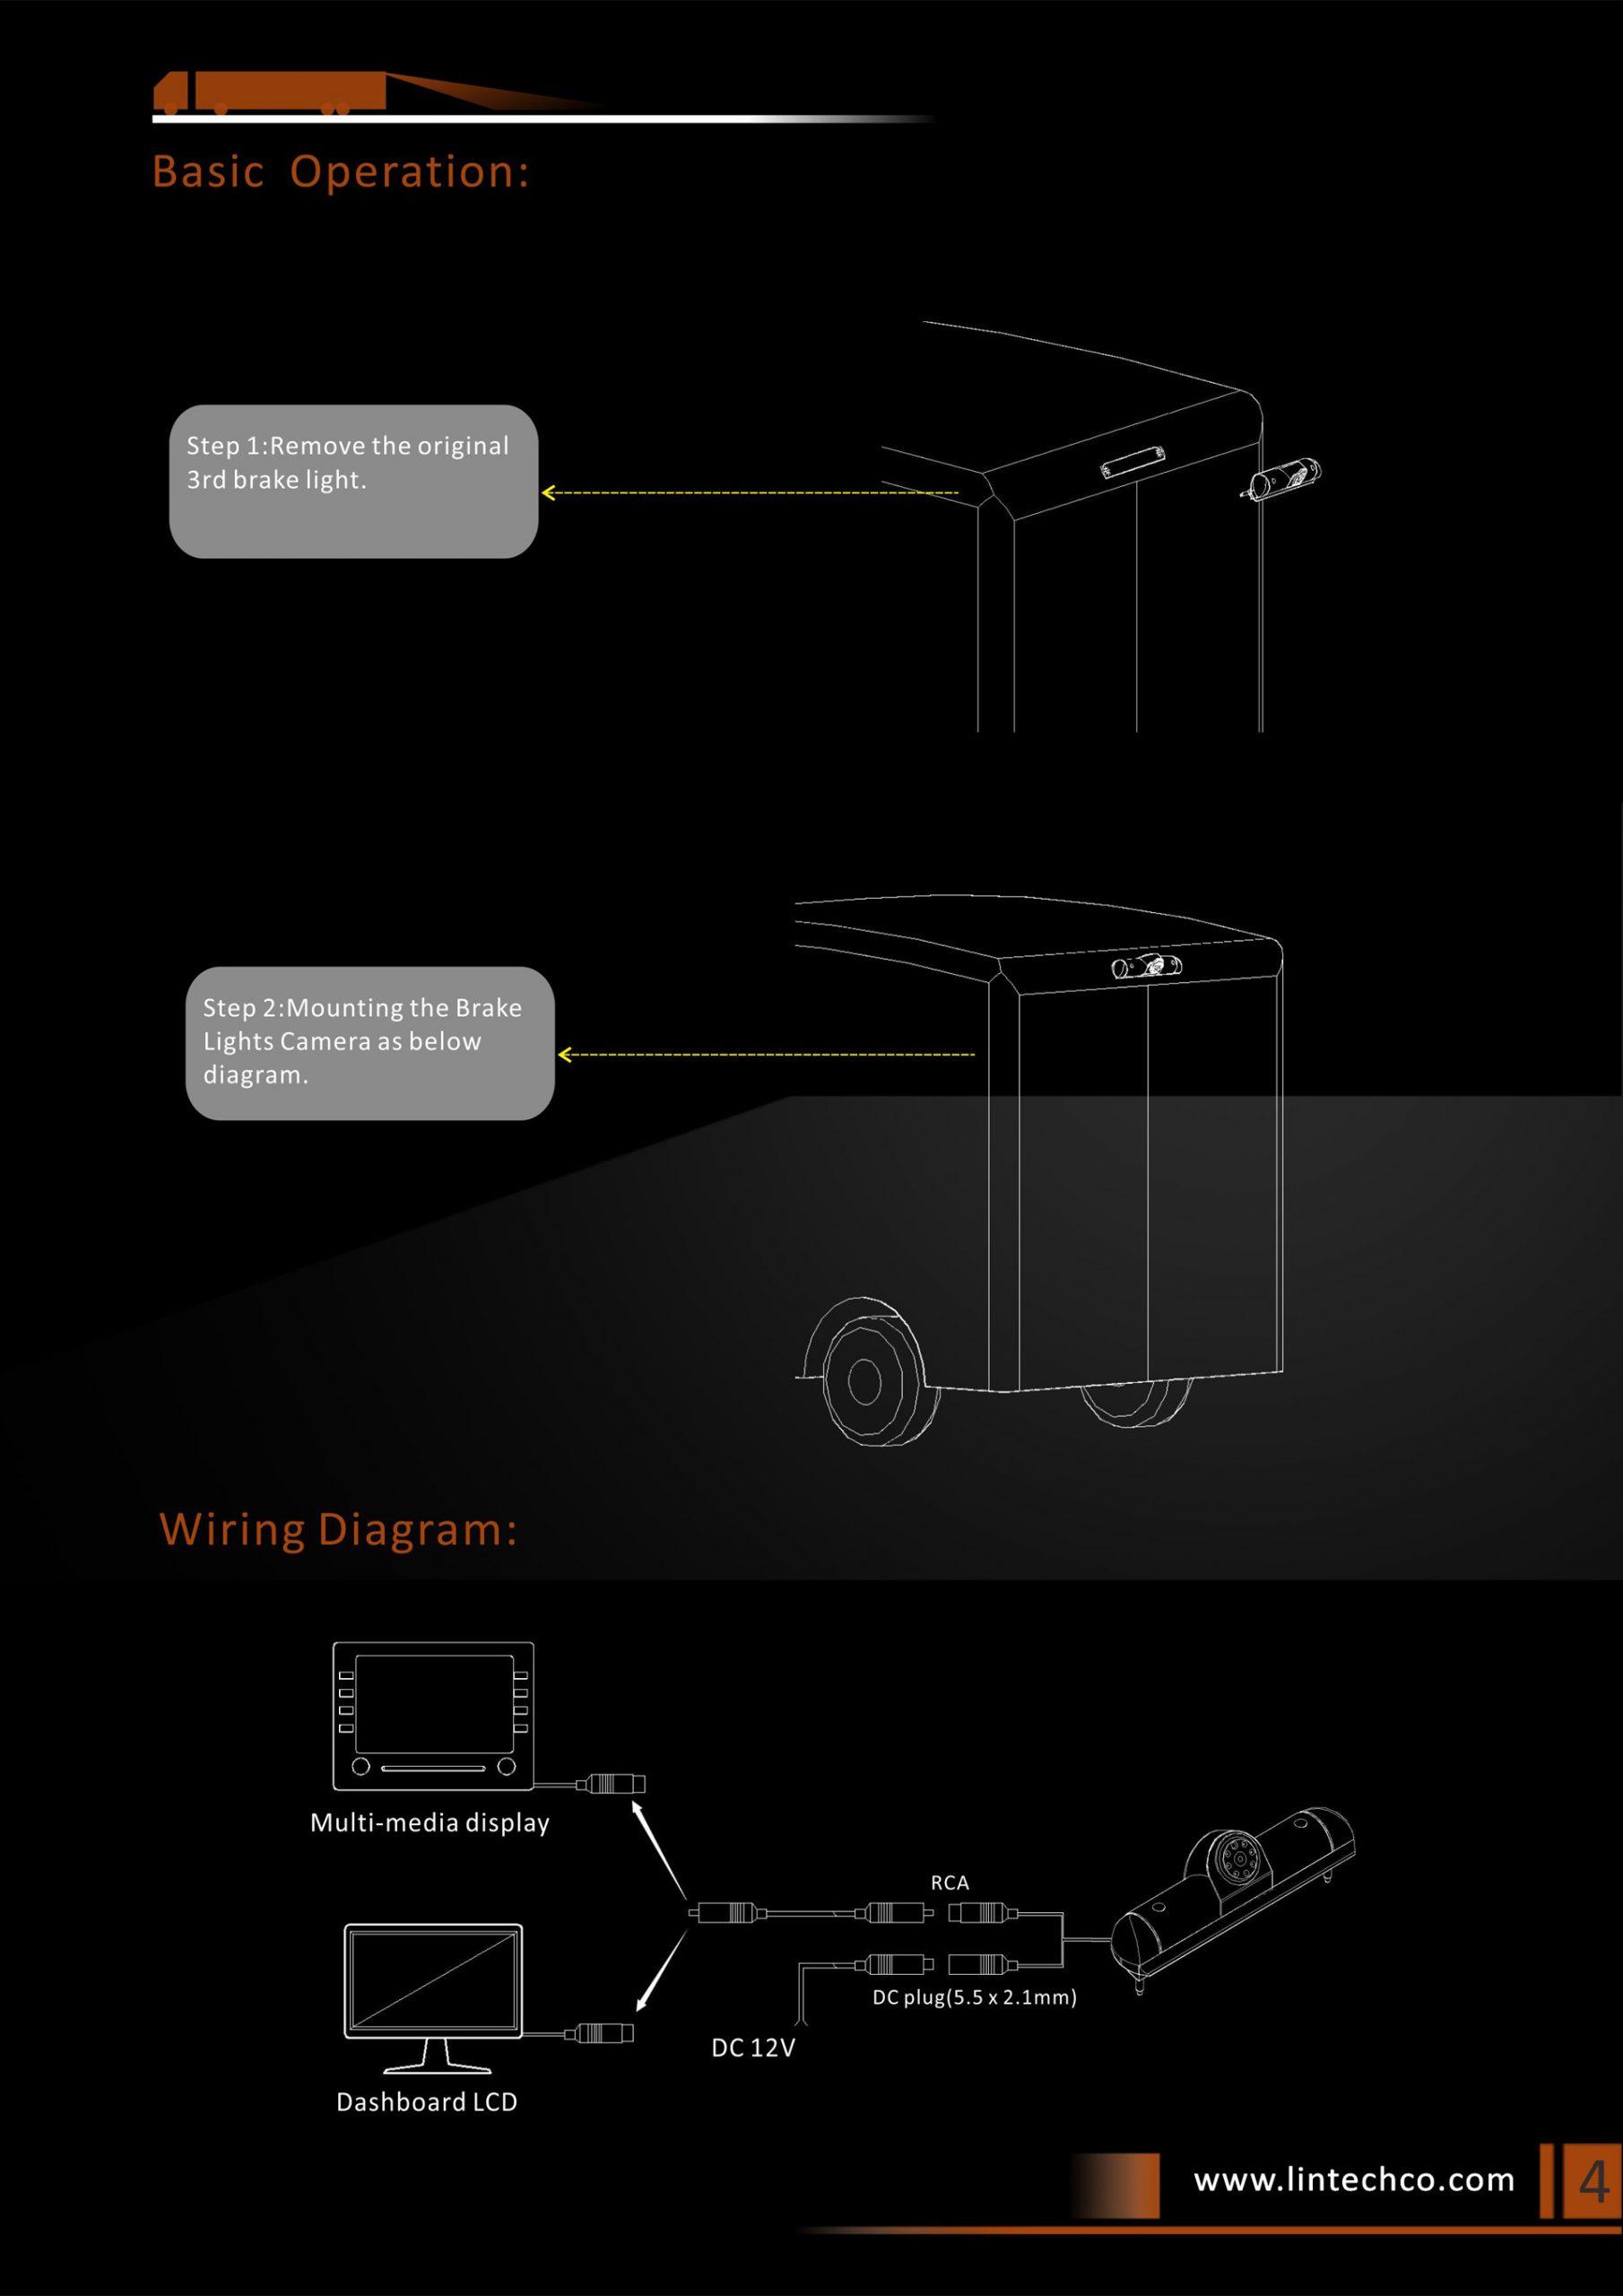 4. Fiat Ducato Rear View Camera